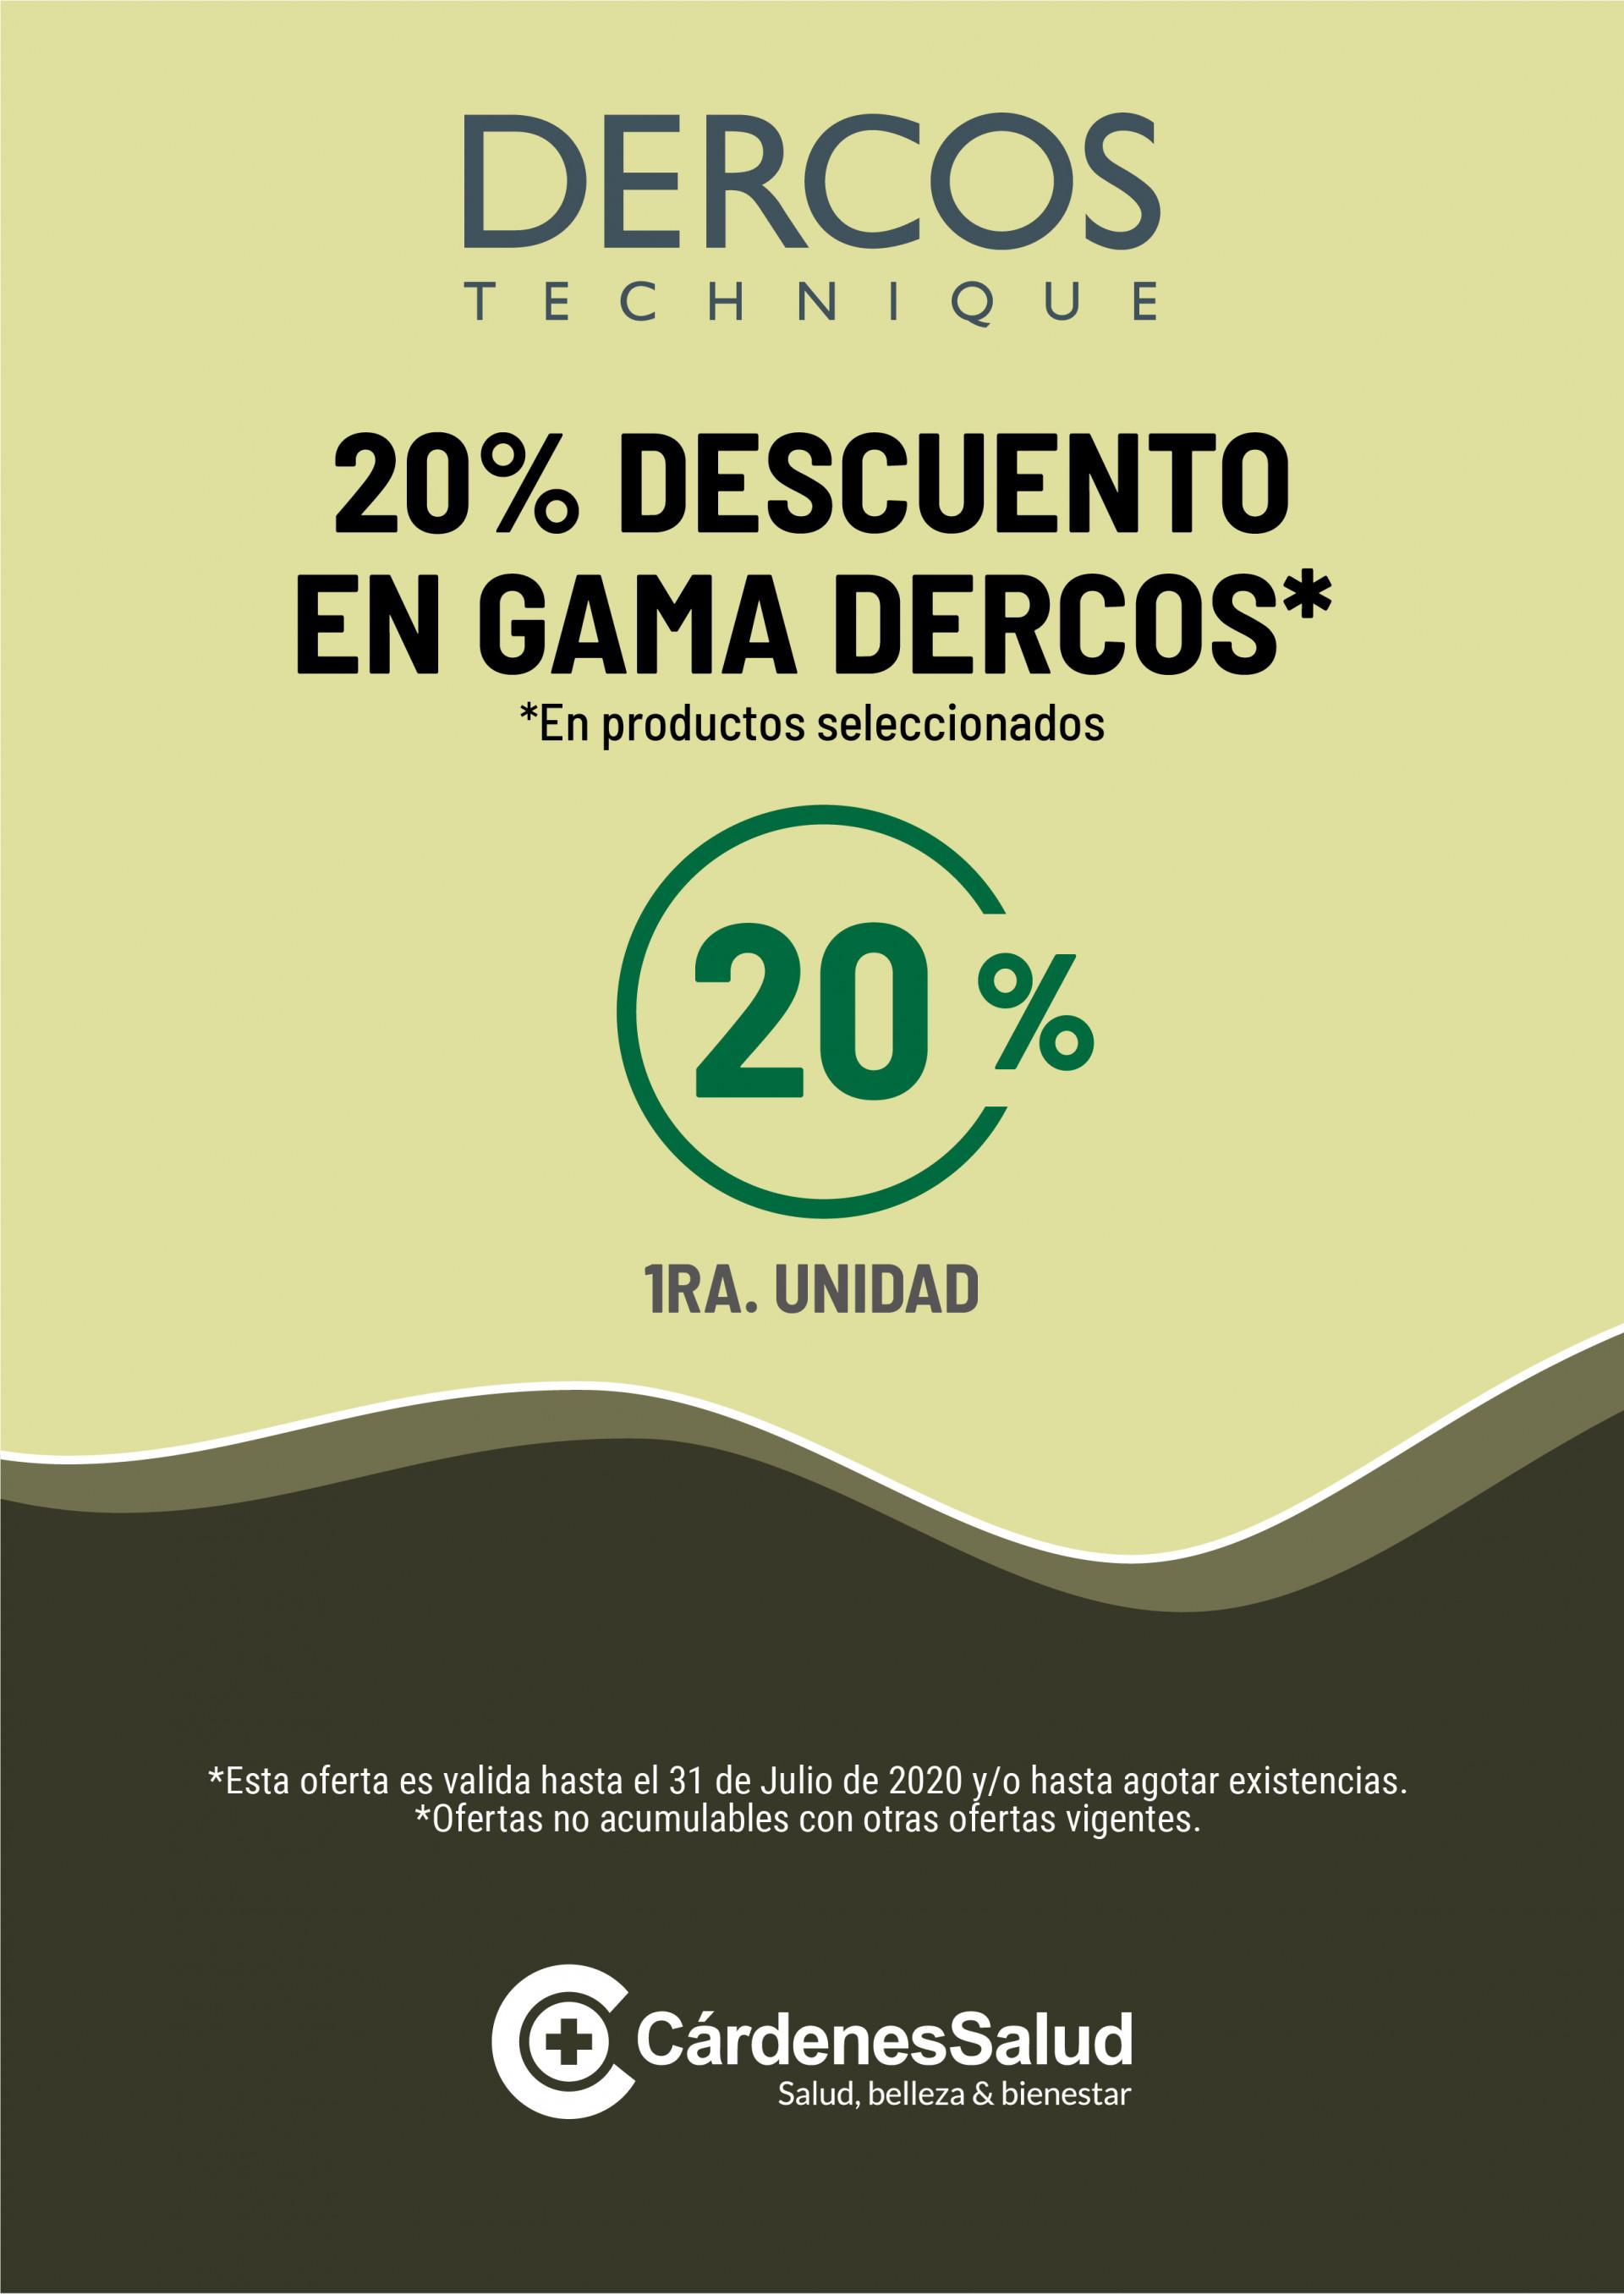 DERCOS TECHNIQUE: 20% DESCUENTO DURANTE EL MES DE JULIO Y AGOSTO